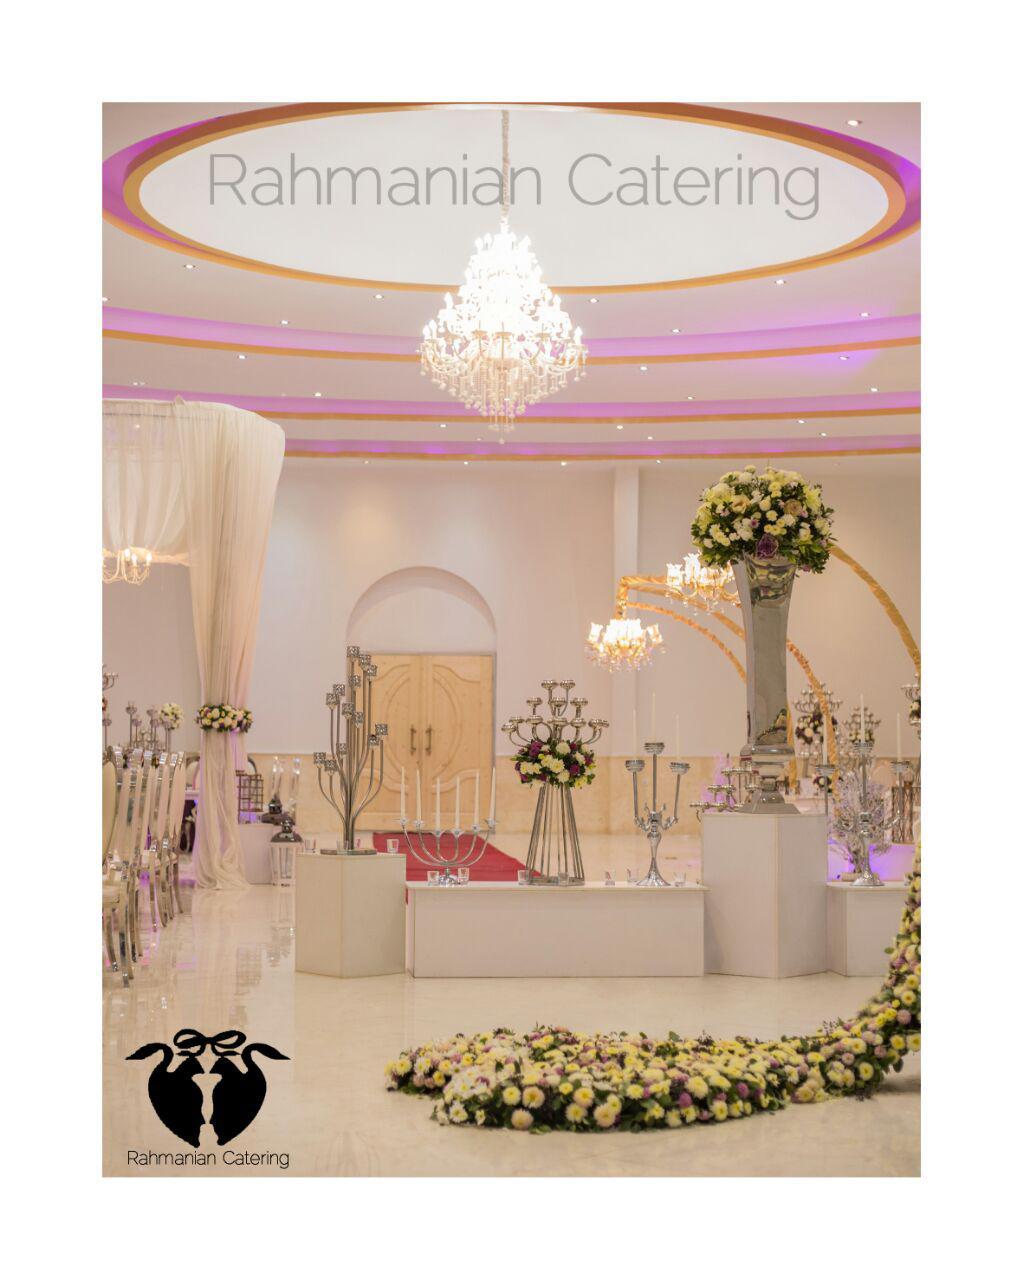 تشریفات رحمانیان   دیزاین تالار عروسی